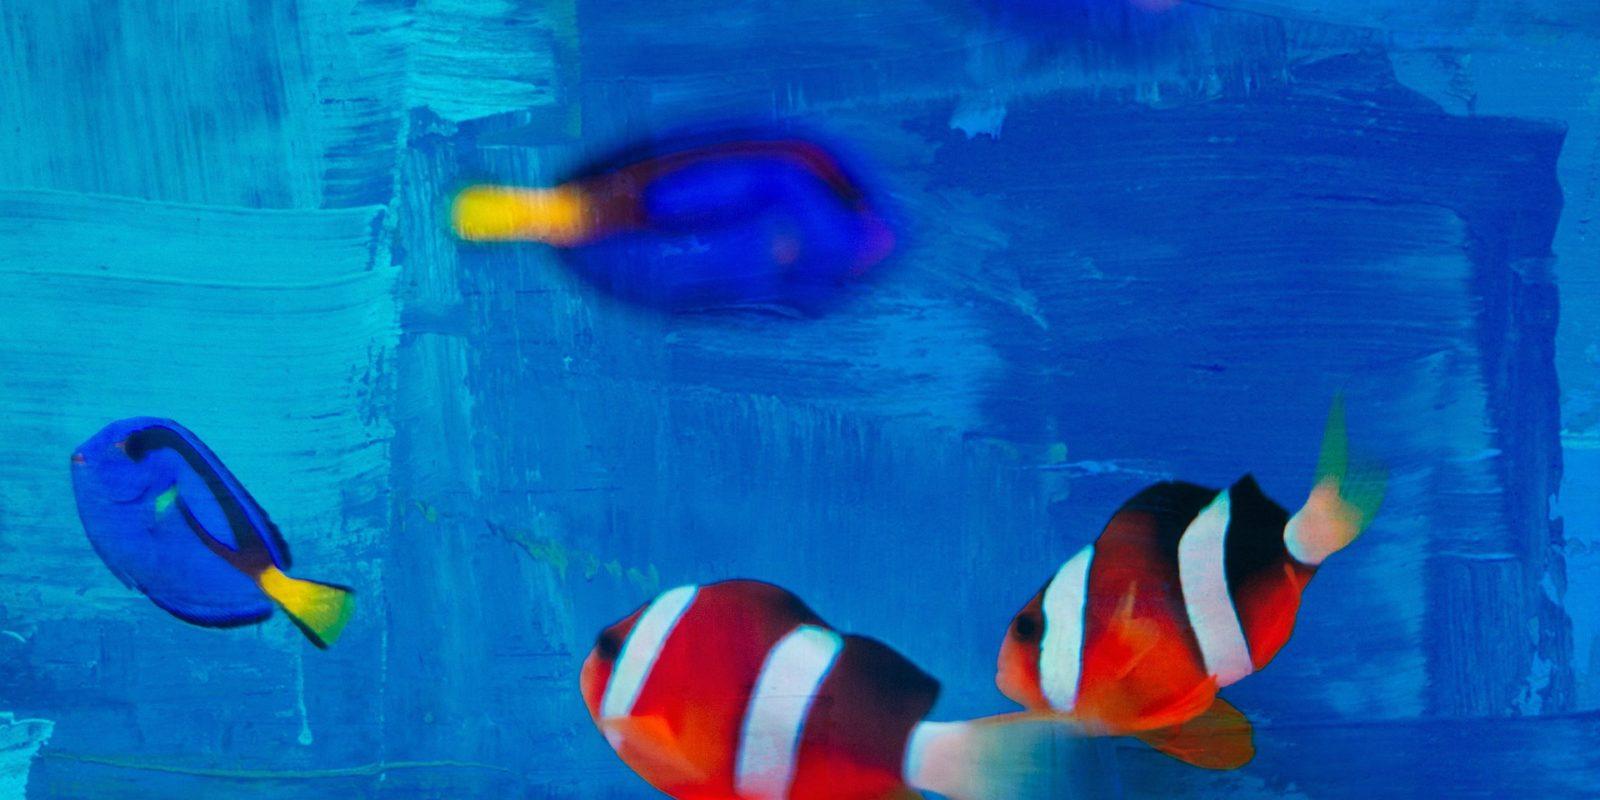 Tiere im Film: Auch Fische sind beliebte Haustiere. Ihre Haltung ist jedoch zum Teil sehr anspruchsvoll.